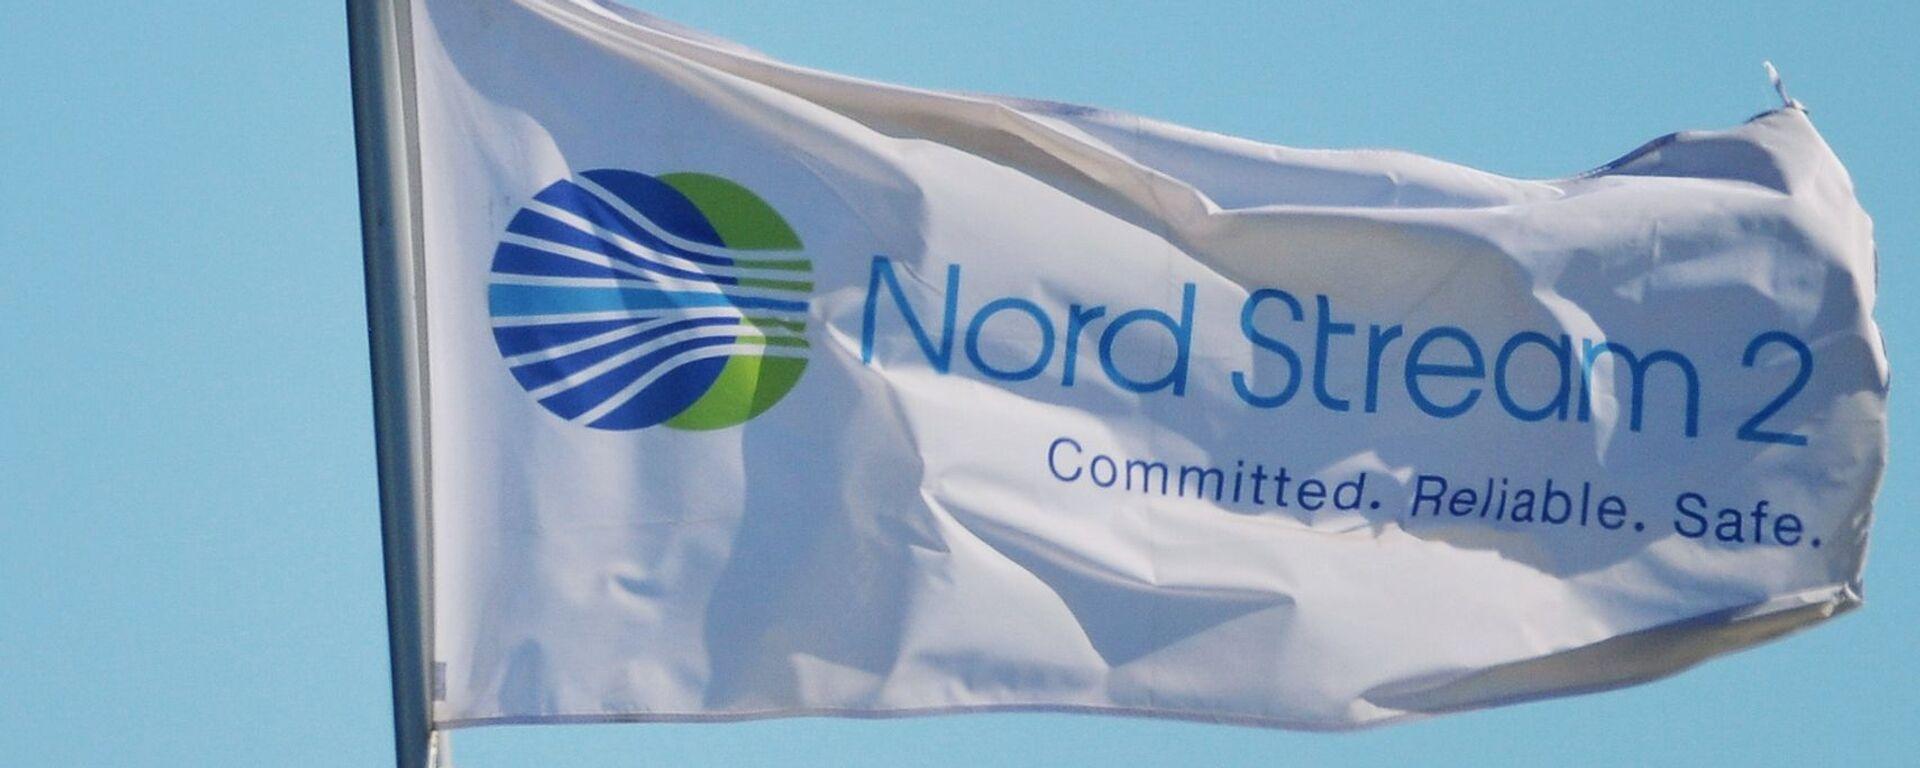 Флаг с символикой компании Nord Stream 2 AG, ведущей строительство газопровода Северный поток-2 - Sputnik Таджикистан, 1920, 04.06.2021